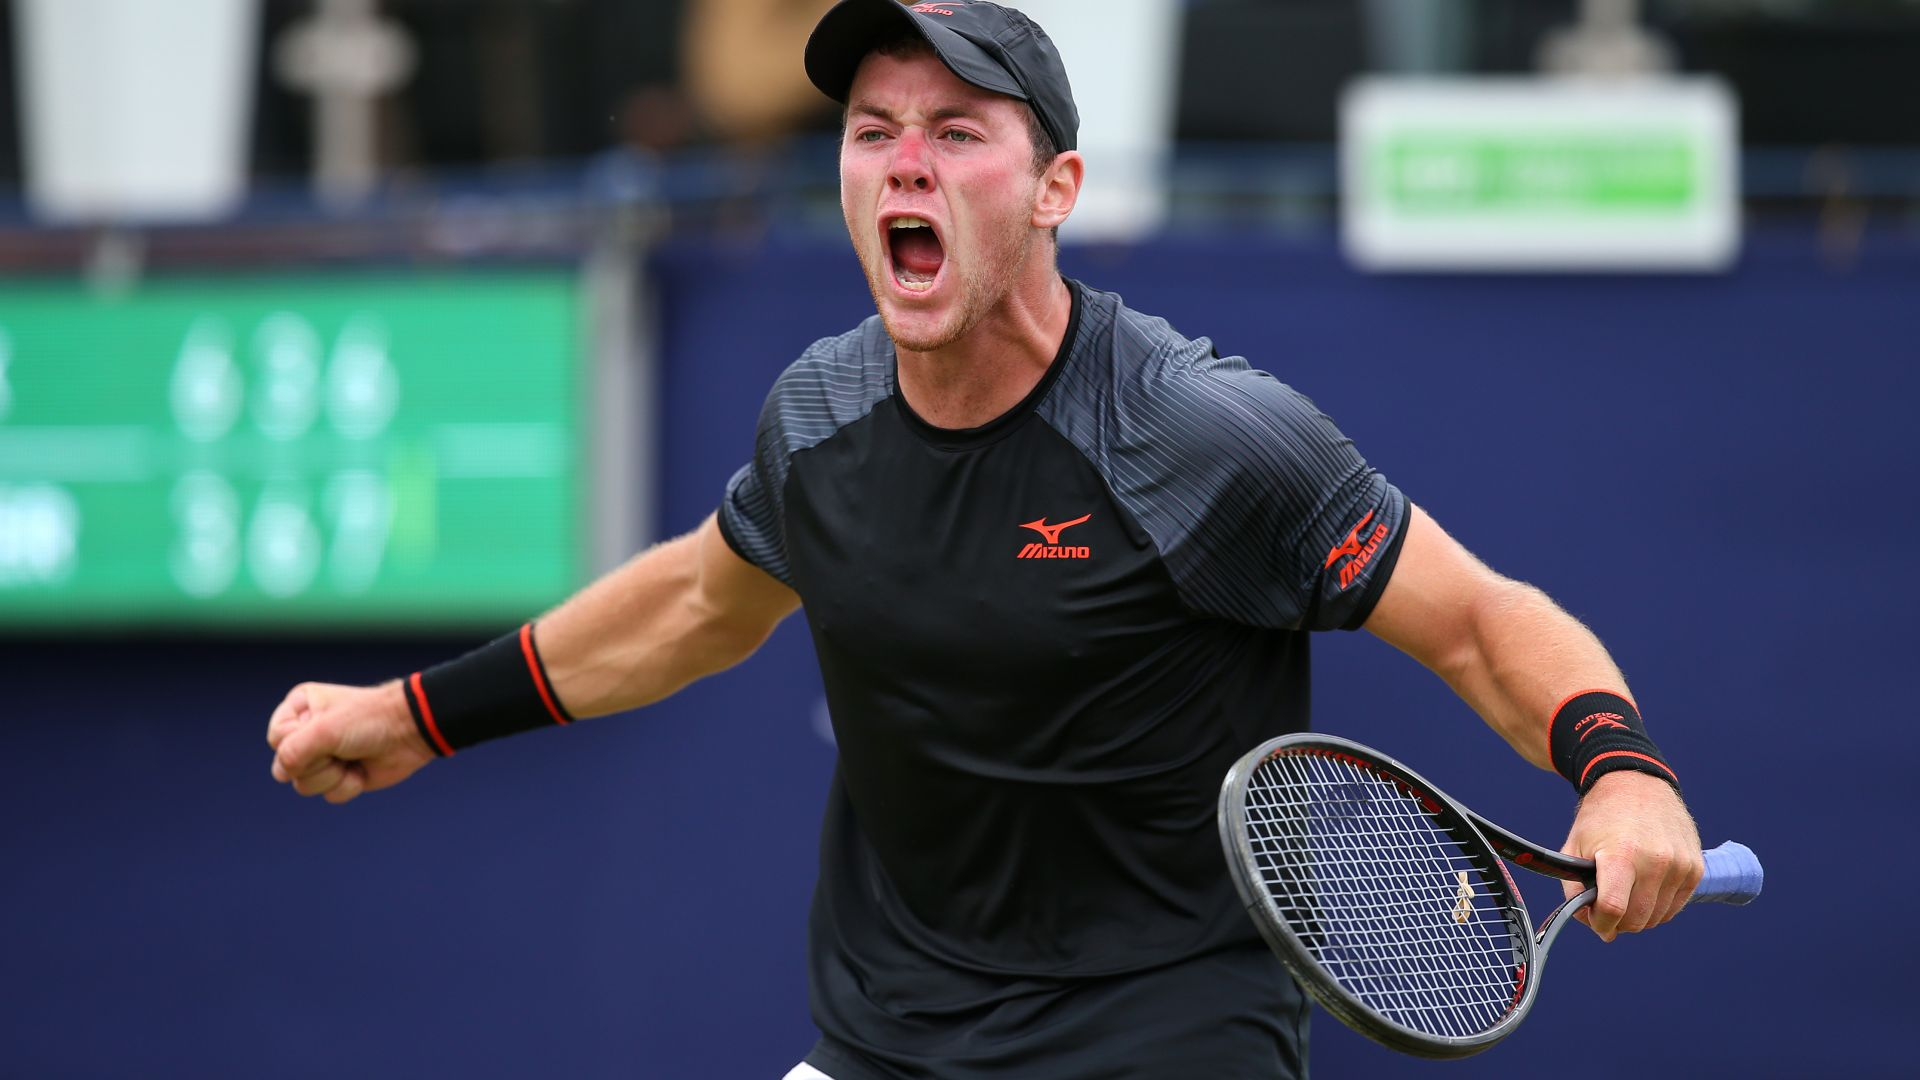 Играч от топ 100: Уреждането на мачове е последният шанс на много тенисисти